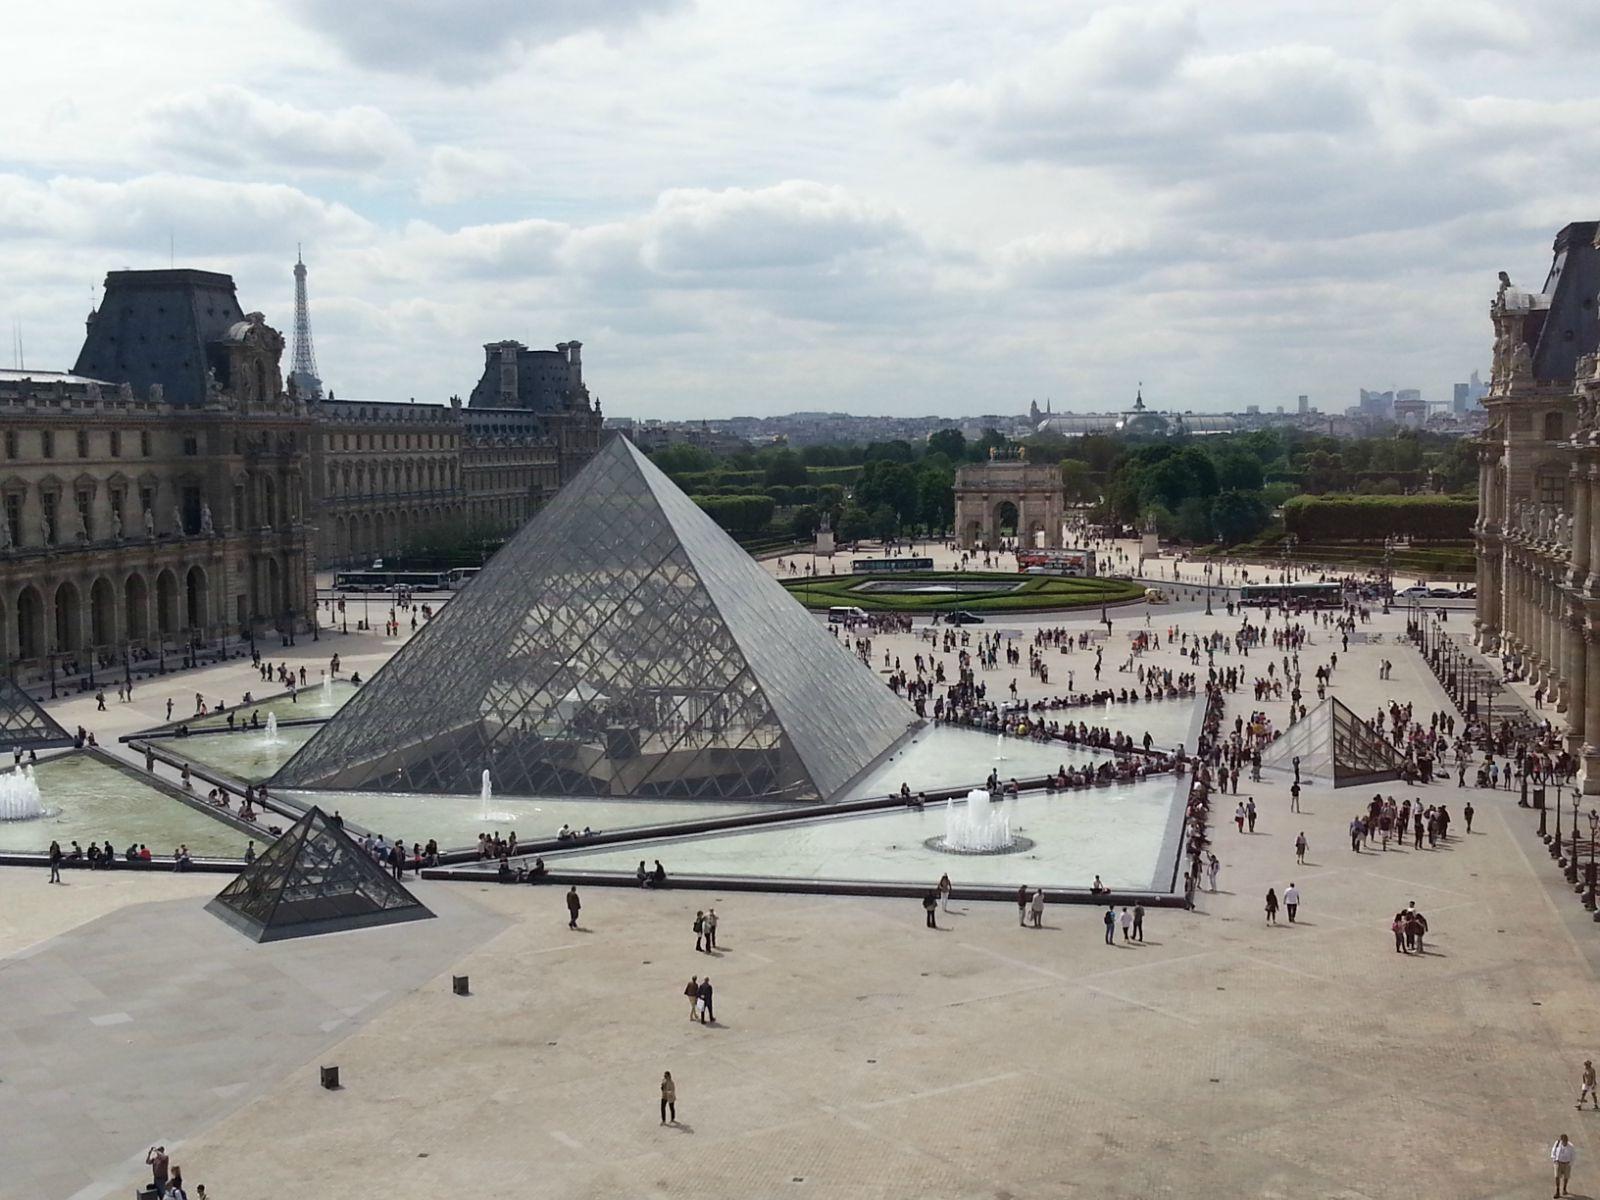 卢浮宫博物馆内俯瞰宫前的金字塔形玻璃入口